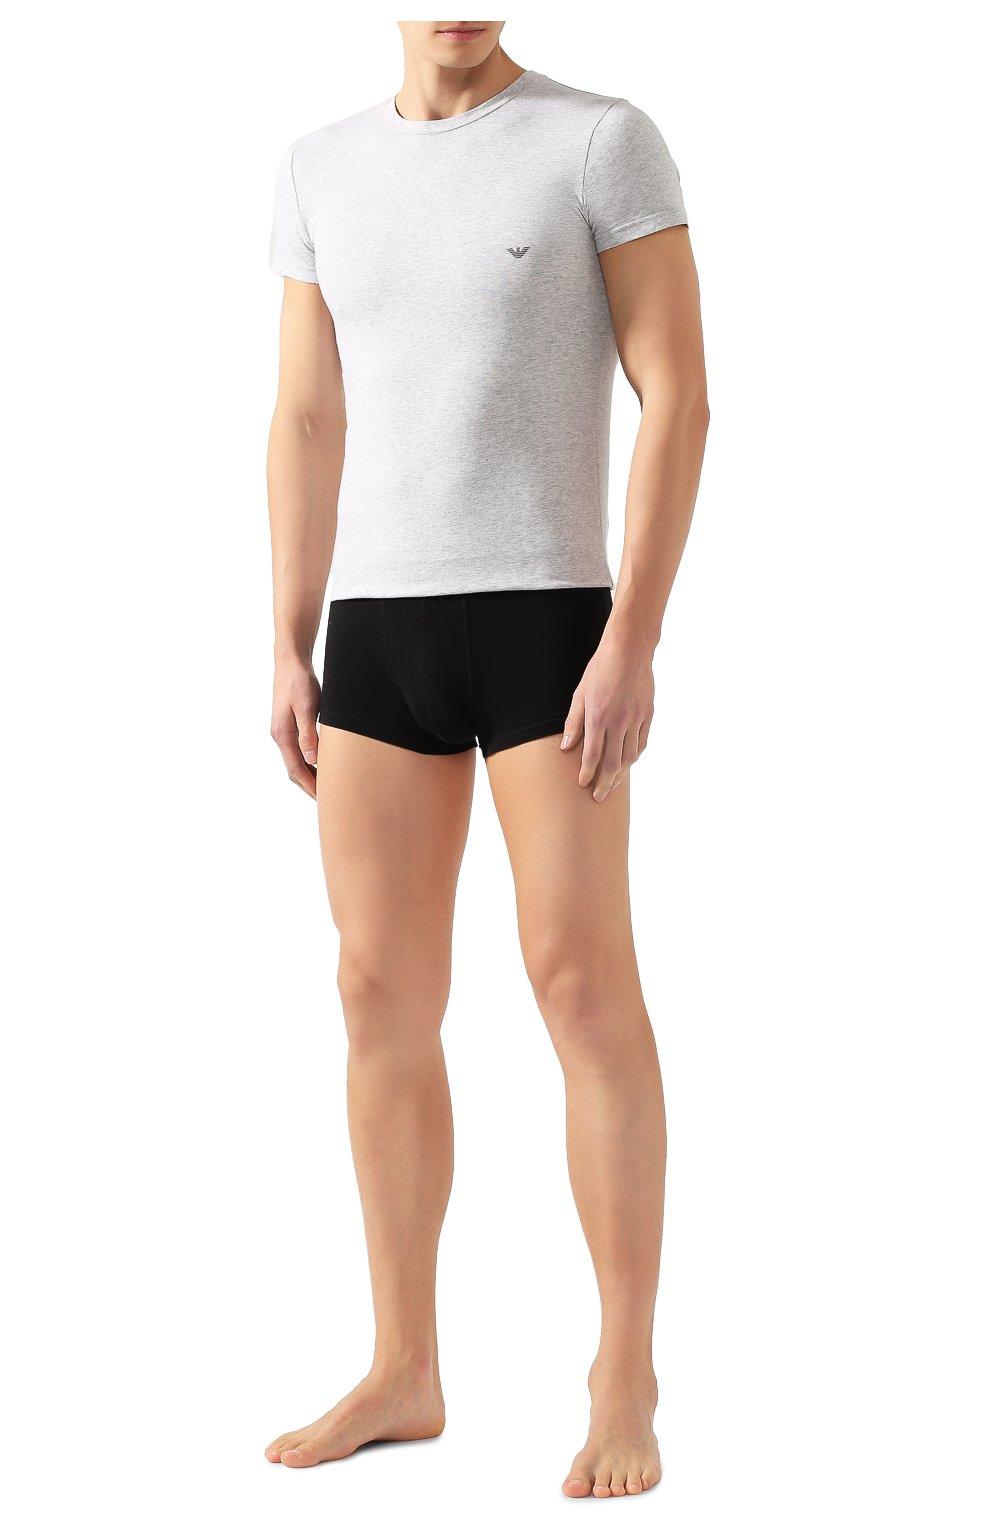 Мужская хлопковая футболка EMPORIO ARMANI серого цвета, арт. 111035/CC729 | Фото 2 (Кросс-КТ: домашняя одежда; Рукава: Короткие; Длина (для топов): Стандартные; Материал внешний: Хлопок; Мужское Кросс-КТ: Футболка-белье; Статус проверки: Проверена категория)